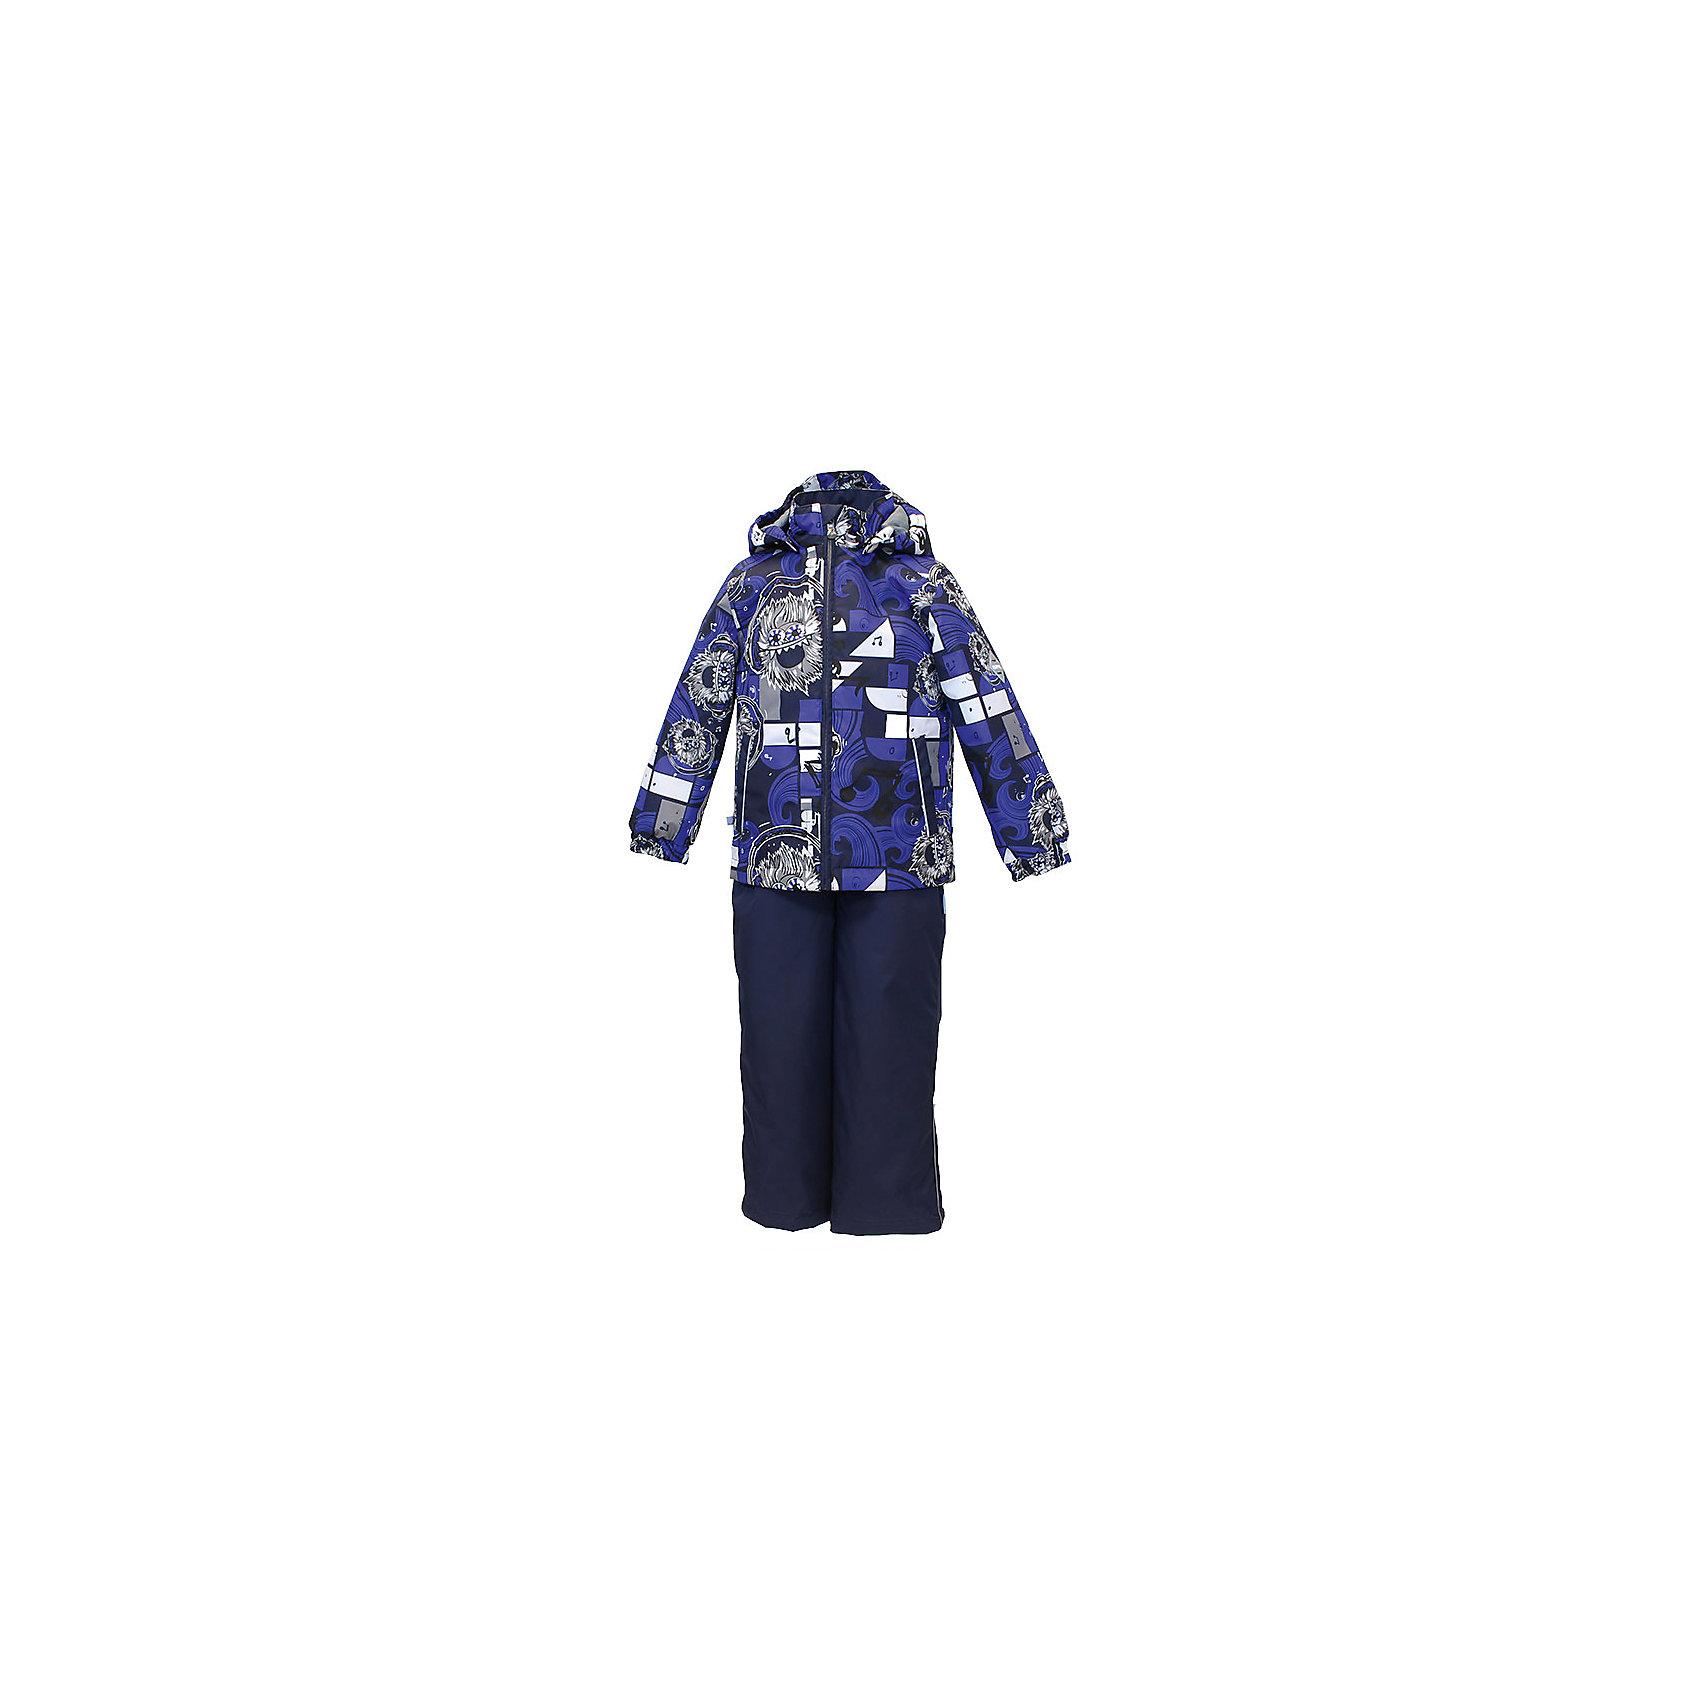 Комплект: куртка и полукомбинезон YOKO для мальчика HuppaКомплекты<br>Характеристики товара:<br><br>• цвет: синий принт<br>• комплектация: куртка и полукомбинезон <br>• ткань: 100% полиэстер<br>• подкладка: тафта - 100% полиэстер<br>• утеплитель: в куртке и в брюках - 100% полиэстер 100 г<br>• температурный режим: от -5°С до +10°С<br>• водонепроницаемость: 10000 мм<br>• воздухопроницаемость: 10000 мм<br>• светоотражающие детали<br>• шов сидения проклеен<br>• эластичный шнур по низу куртки<br>• эластичный шнур с фиксатором внизу брючин<br>• съёмный капюшон с резинкой<br>• эластичные манжеты рукавов<br>• регулируемые низы брючин<br>• без внутренних швов<br>• резиновые подтяжки<br>• коллекция: весна-лето 2017<br>• страна бренда: Эстония<br><br>Такой модный демисезонный комплект  обеспечит детям тепло и комфорт. Он сделан из материала, отталкивающего воду, и дополнен подкладкой с утеплителем, поэтому изделие идеально подходит для межсезонья. Материал изделий - с мембранной технологией: защищая от влаги и ветра, он легко выводит лишнюю влагу наружу. Комплект очень симпатично смотрится. <br><br>Одежда и обувь от популярного эстонского бренда Huppa - отличный вариант одеть ребенка можно и комфортно. Вещи, выпускаемые компанией, качественные, продуманные и очень удобные. Для производства изделий используются только безопасные для детей материалы. Продукция от Huppa порадует и детей, и их родителей!<br><br>Комплект: куртка и полукомбинезон YOKO от бренда Huppa (Хуппа) можно купить в нашем интернет-магазине.<br><br>Ширина мм: 356<br>Глубина мм: 10<br>Высота мм: 245<br>Вес г: 519<br>Цвет: синий<br>Возраст от месяцев: 18<br>Возраст до месяцев: 24<br>Пол: Мужской<br>Возраст: Детский<br>Размер: 92,122,116,110,104,98<br>SKU: 5346753